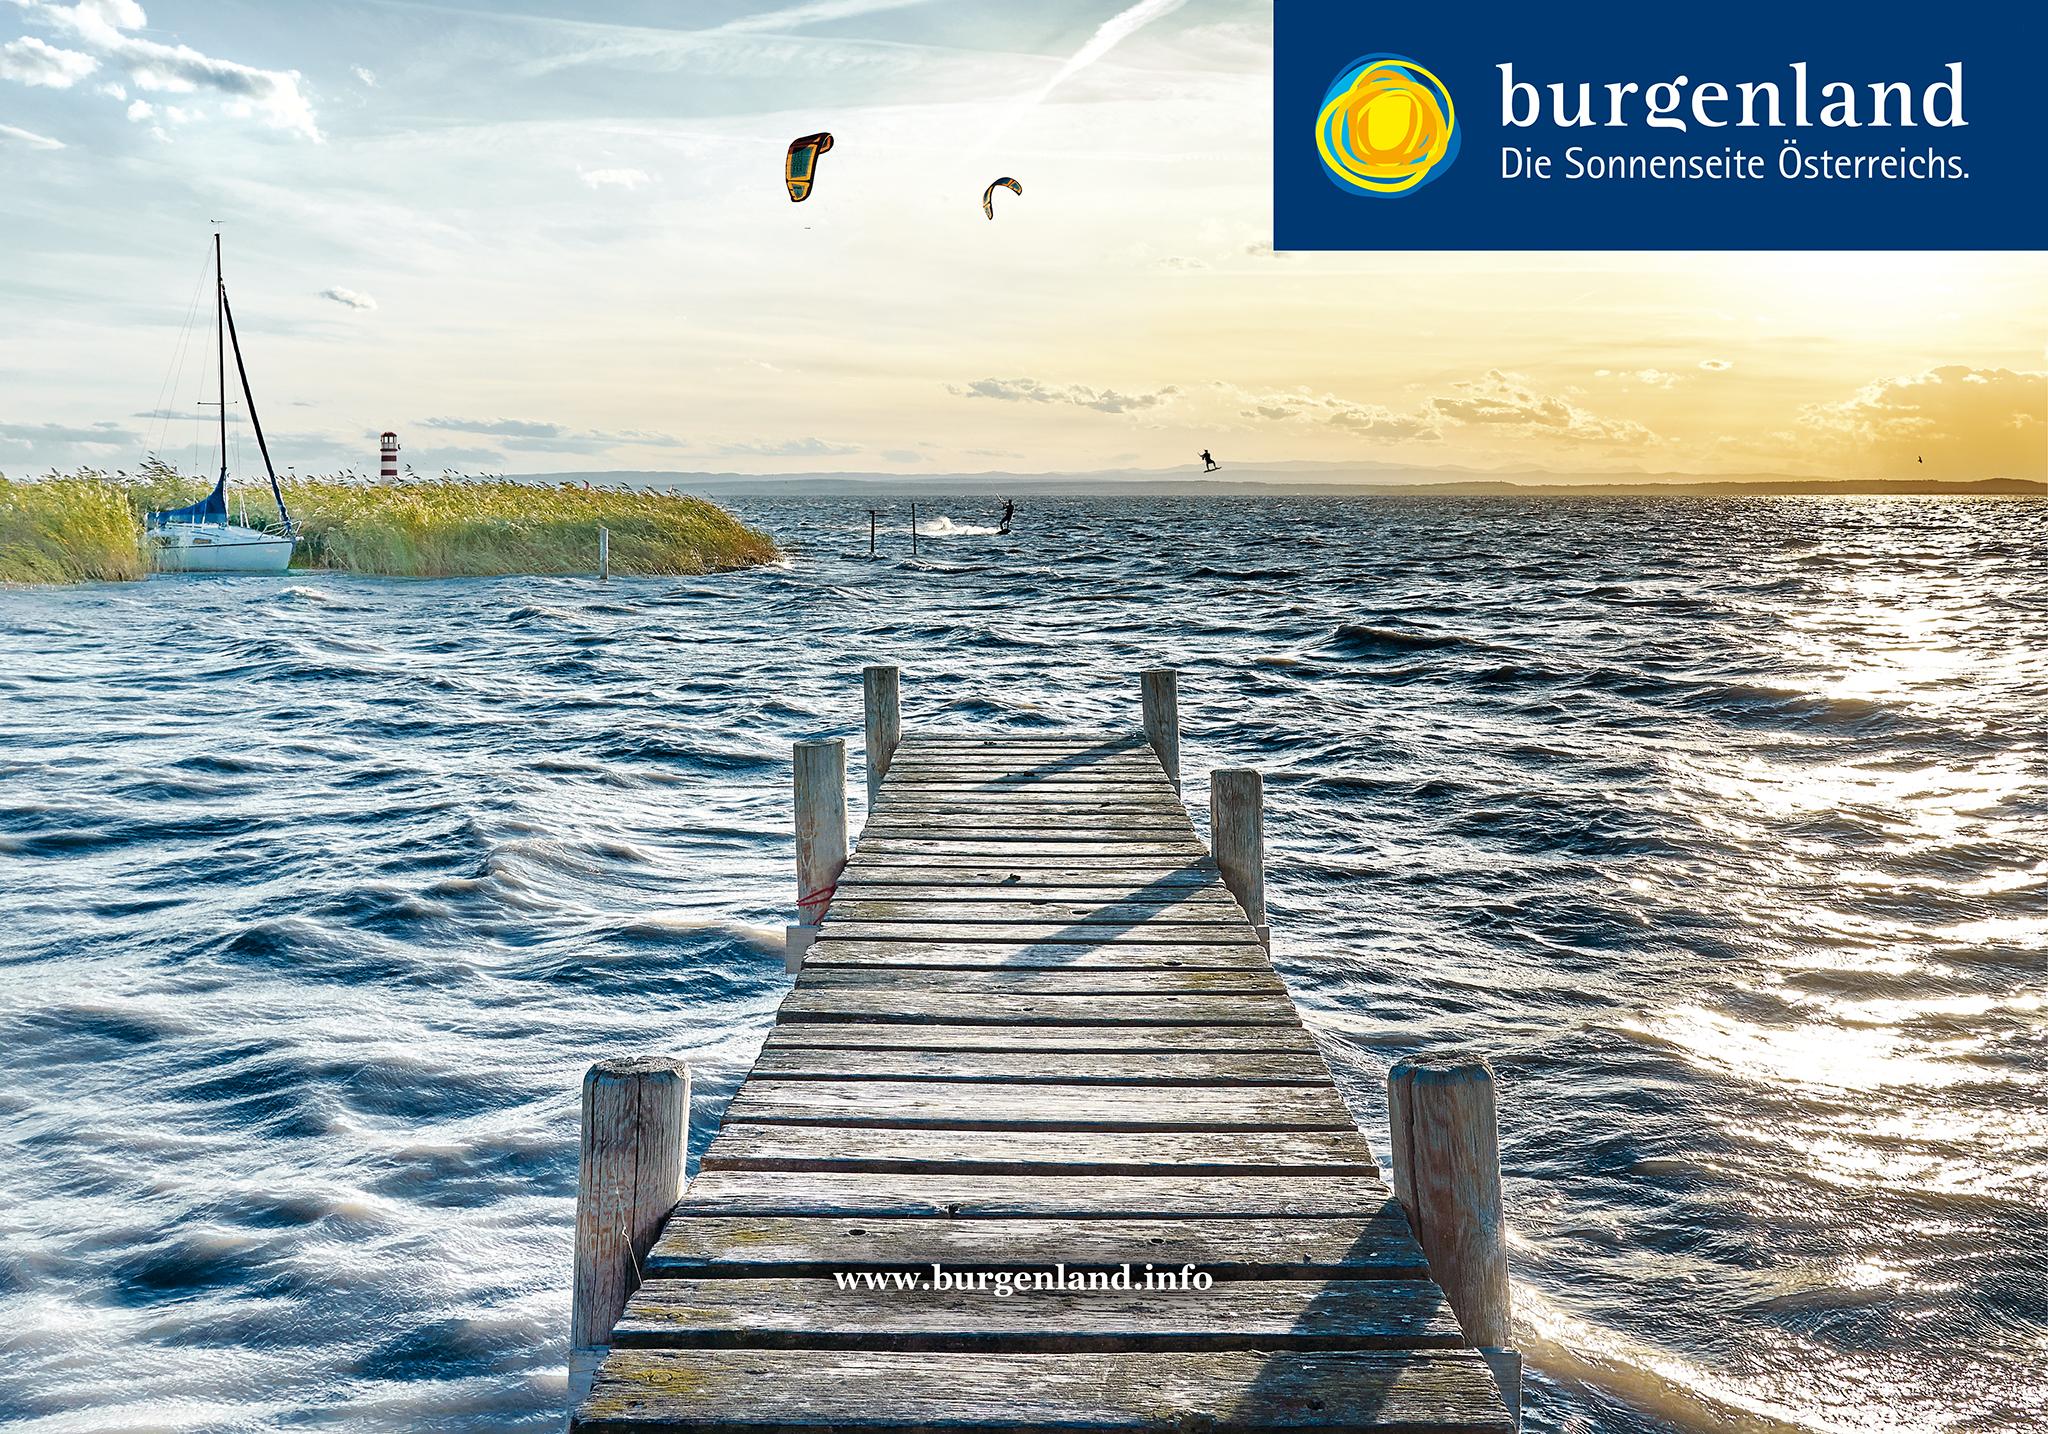 BURGENLAND TOURISMUS | NEUE WERBELINIE